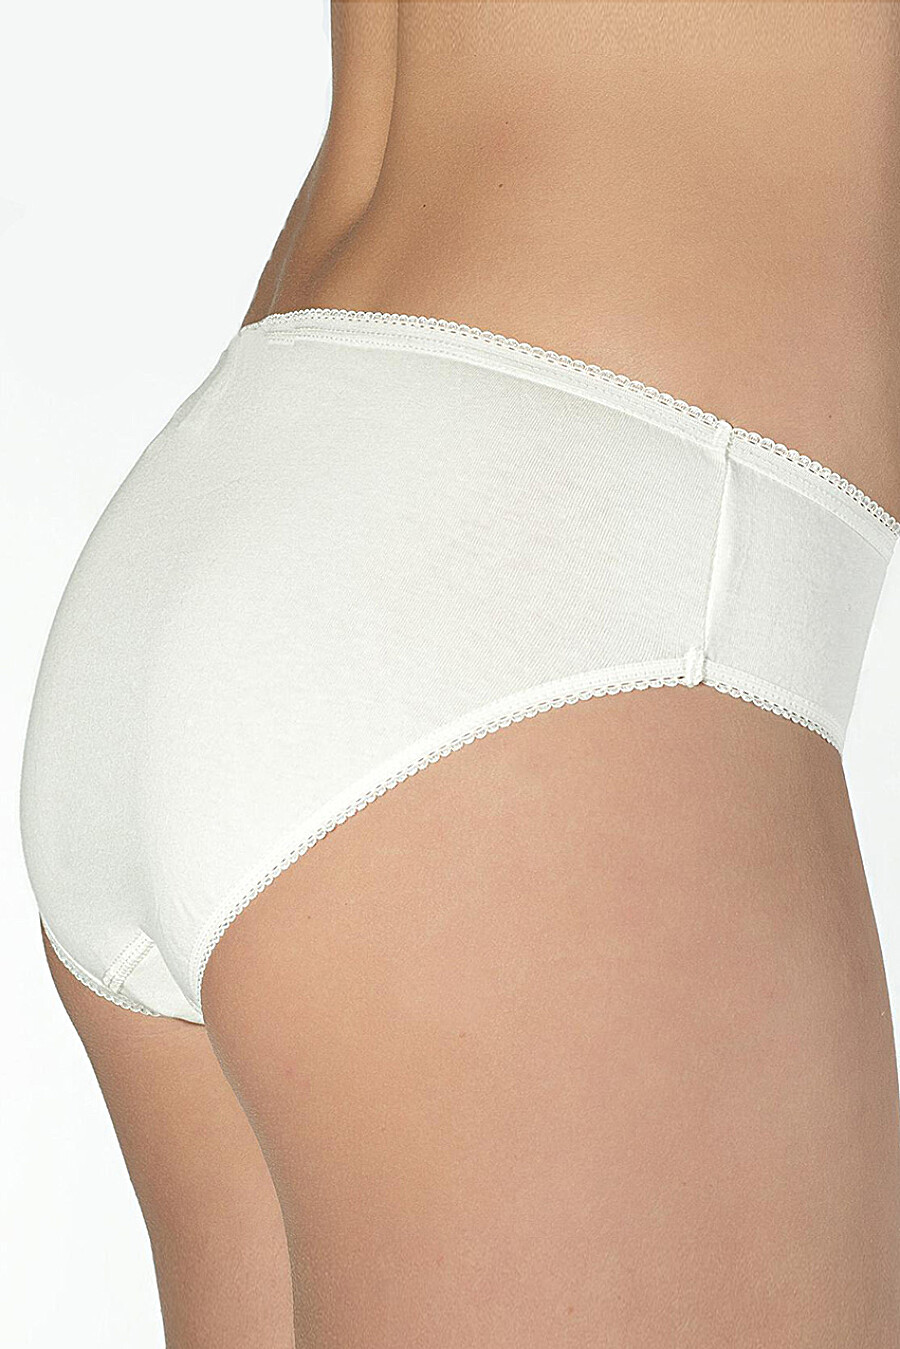 Трусы для женщин MINIMI 272793 купить оптом от производителя. Совместная покупка женской одежды в OptMoyo